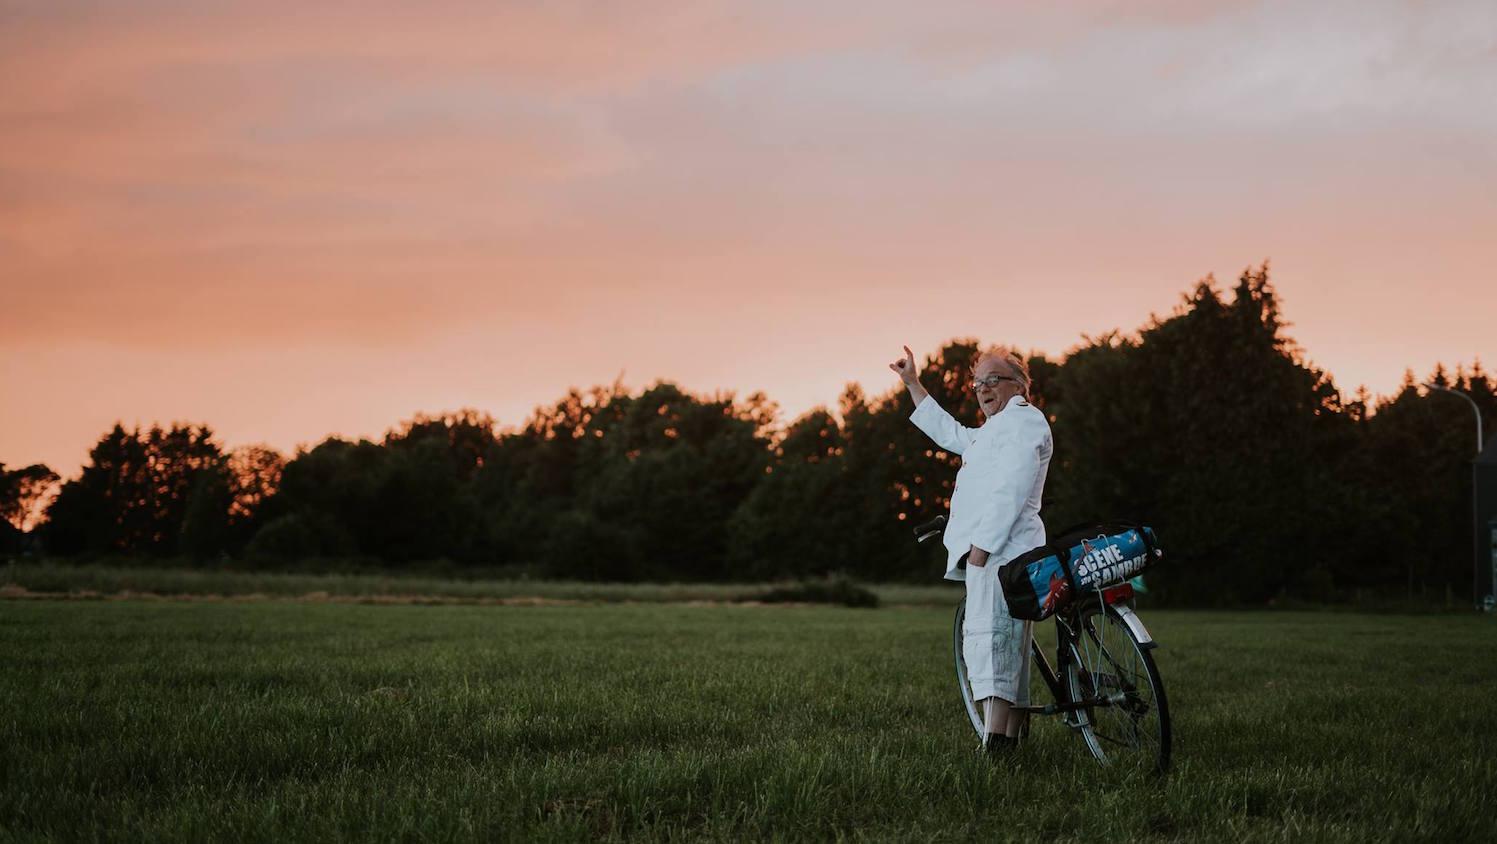 Cliquez ici pour en savoir plus sur Vélo sur Sambre